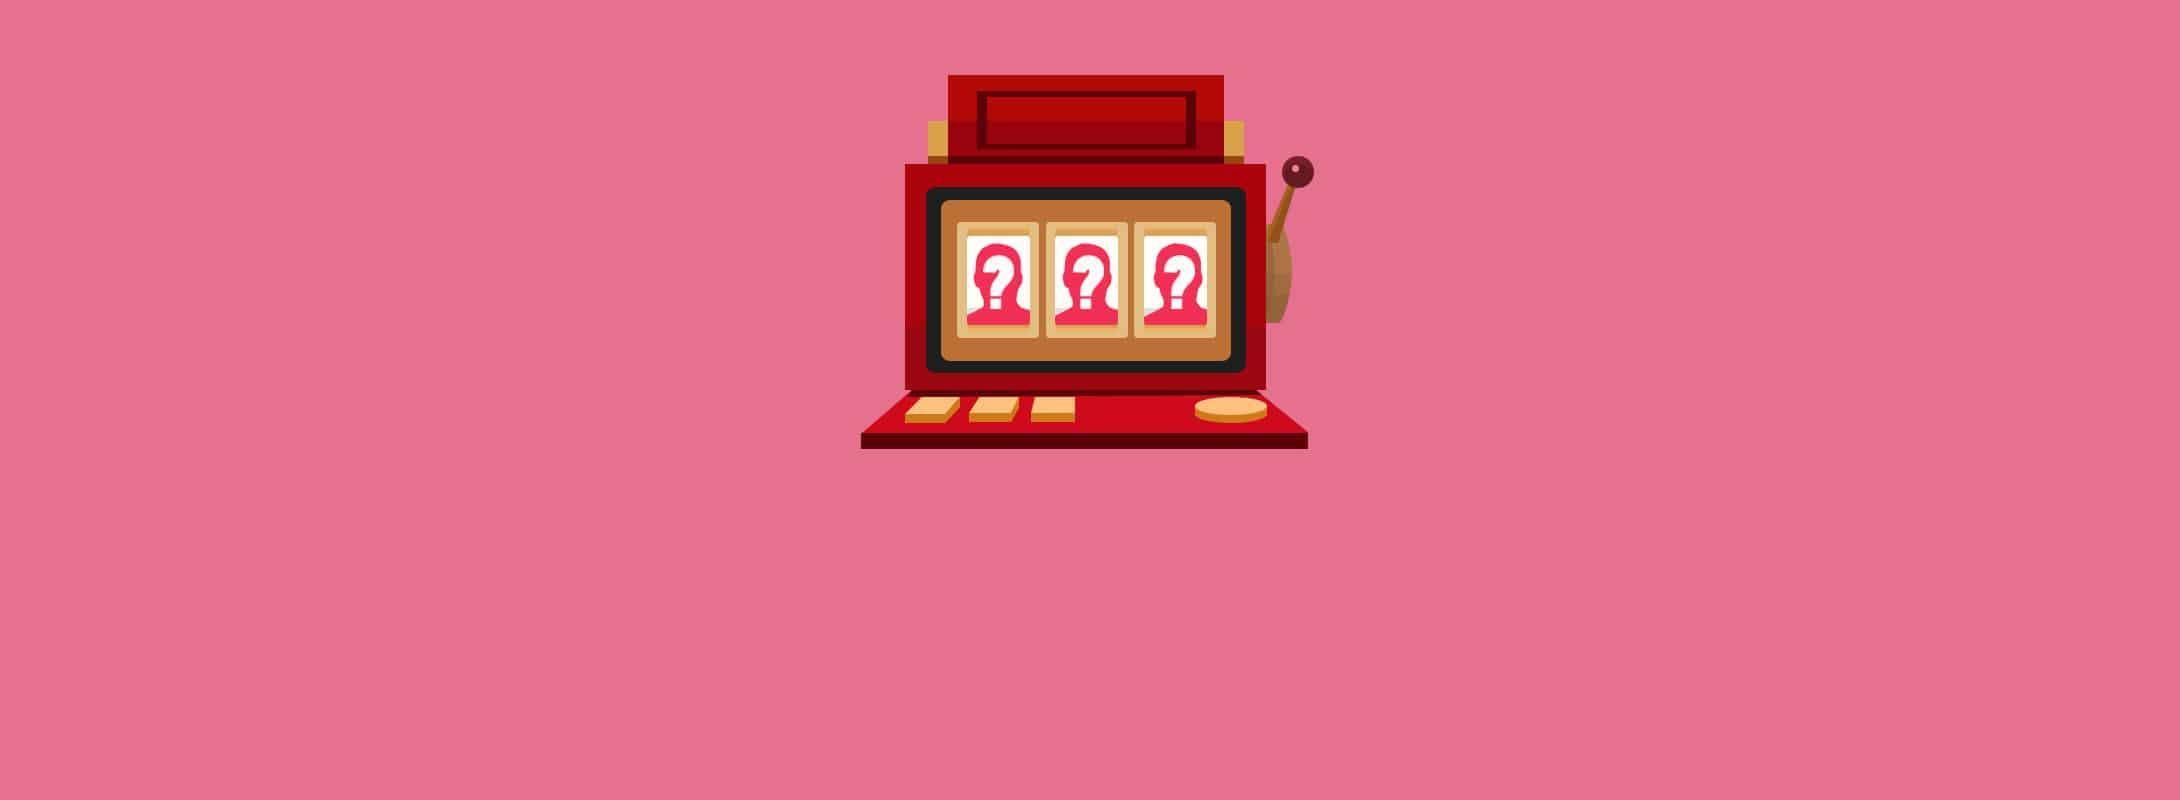 10 máquinas de Slots basadas en películas o series